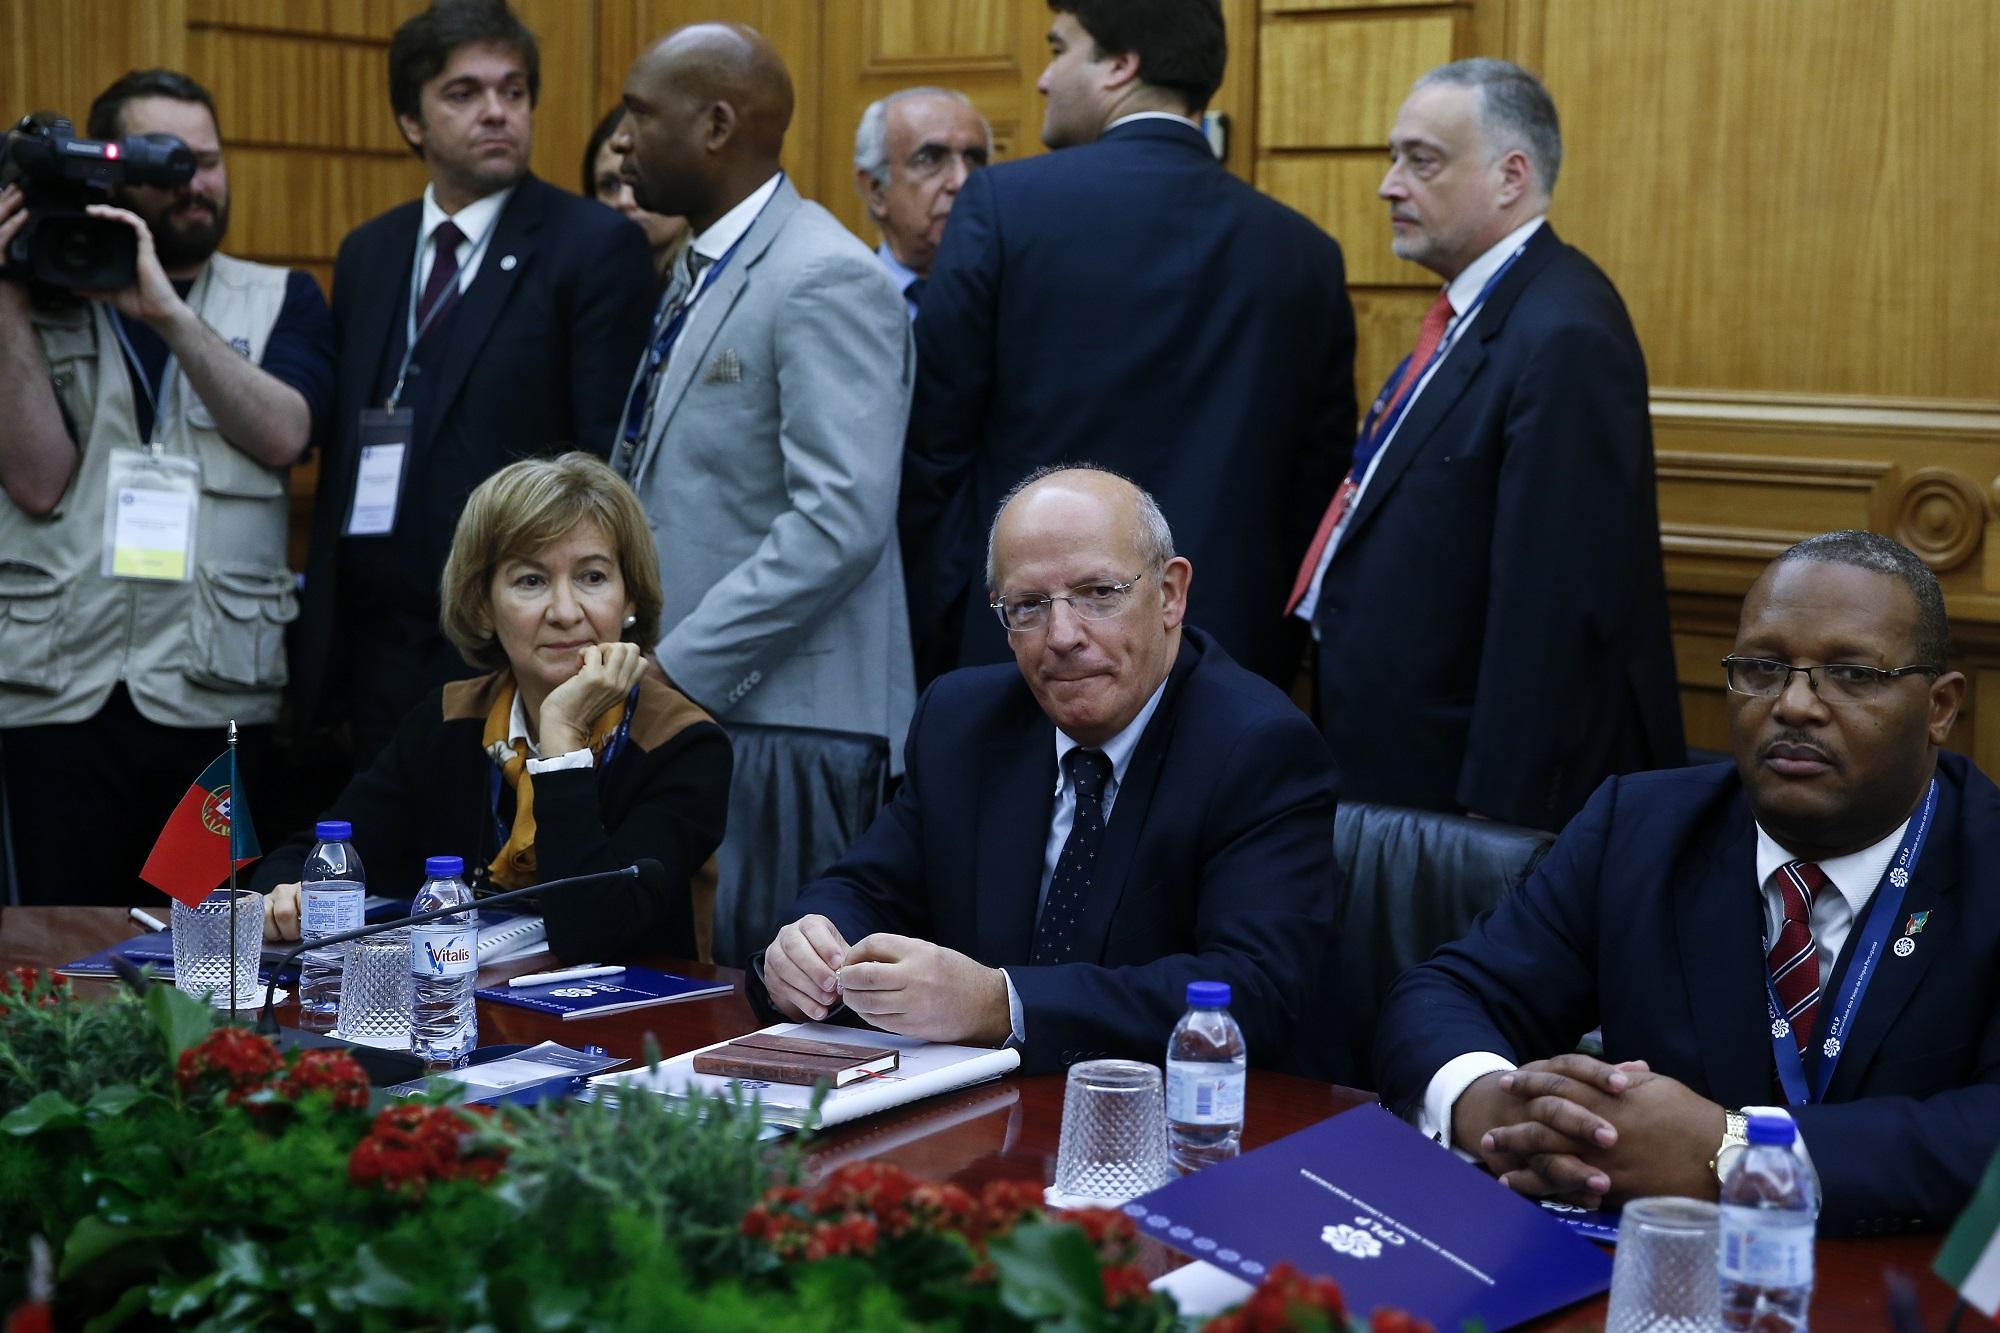 O ministro dos Negócios Estrangeiros de Portugal, Augusto Santos Silva (C), durante a XIV Reunião Extraordinária do Conselho de Ministros da Comunidade de Países de Língua Portuguesa (CPLP), na sede da CPLP, em Lisboa, 17 de março de 2016. ANTÓNIO COTRIM/LUSA